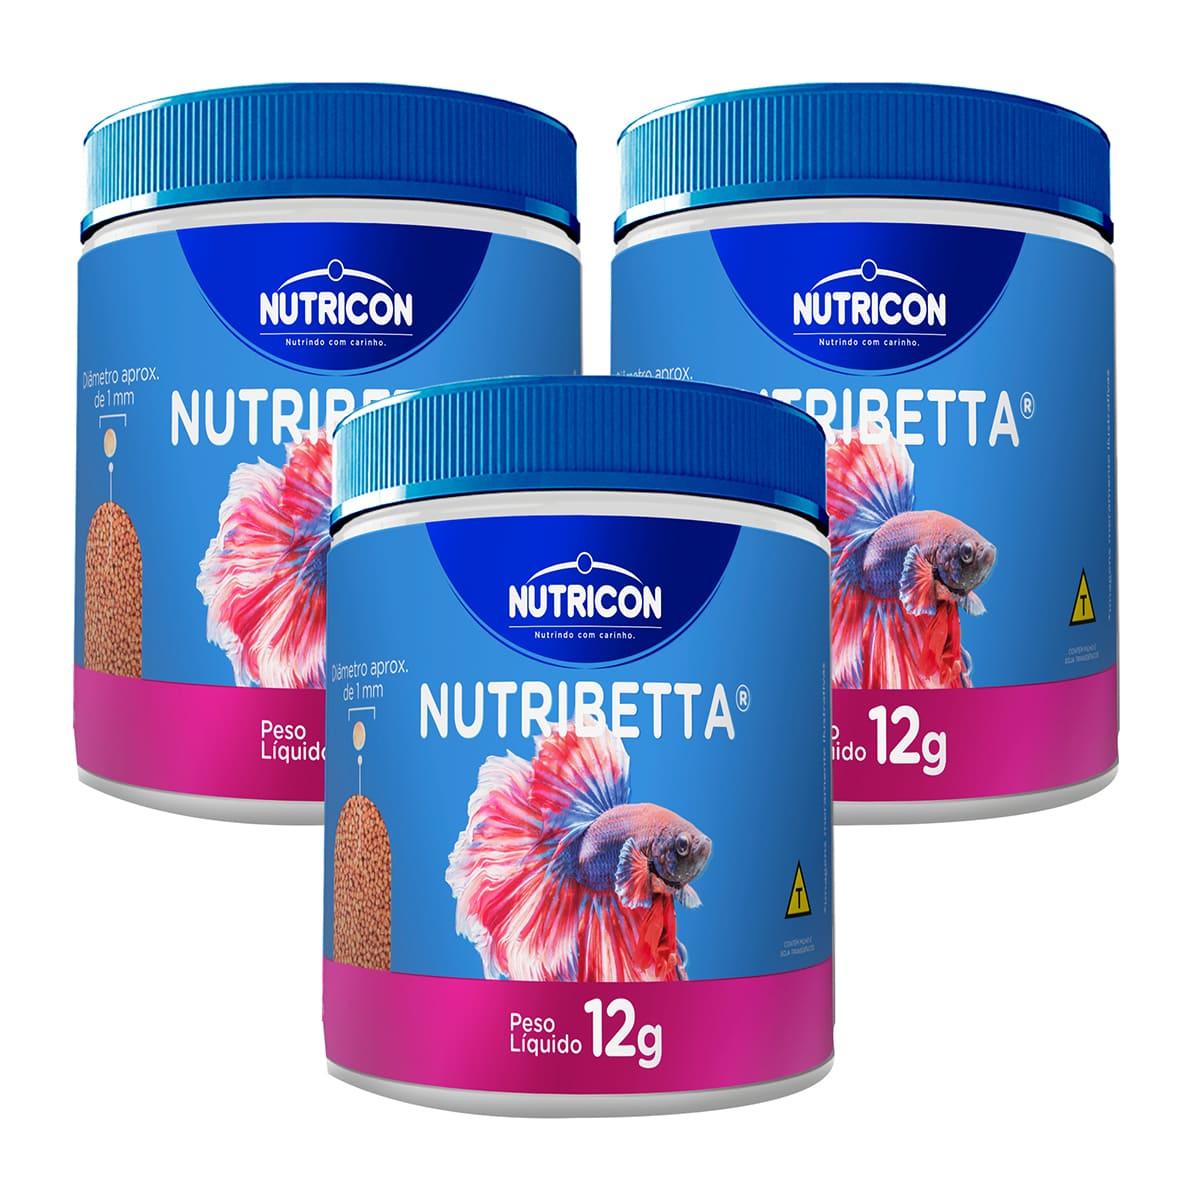 Ração Premium Nutricon Nutribetta 12g para Bettas 3 unidades